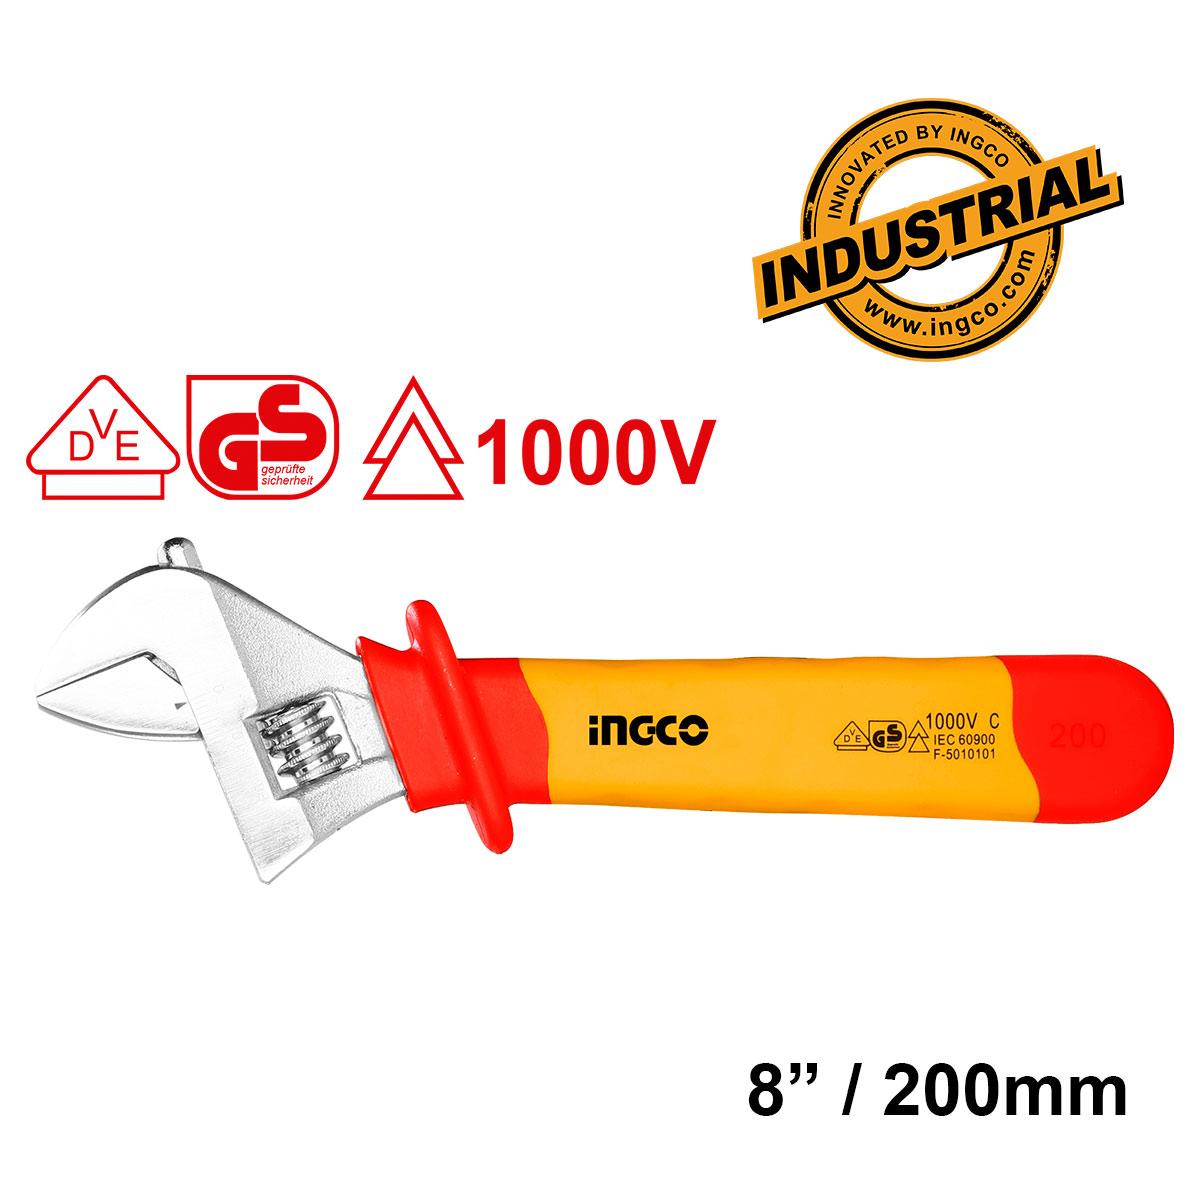 Γαλλικό κλειδί ηλεκτρολόγου 200mm HIADW081 INGCO